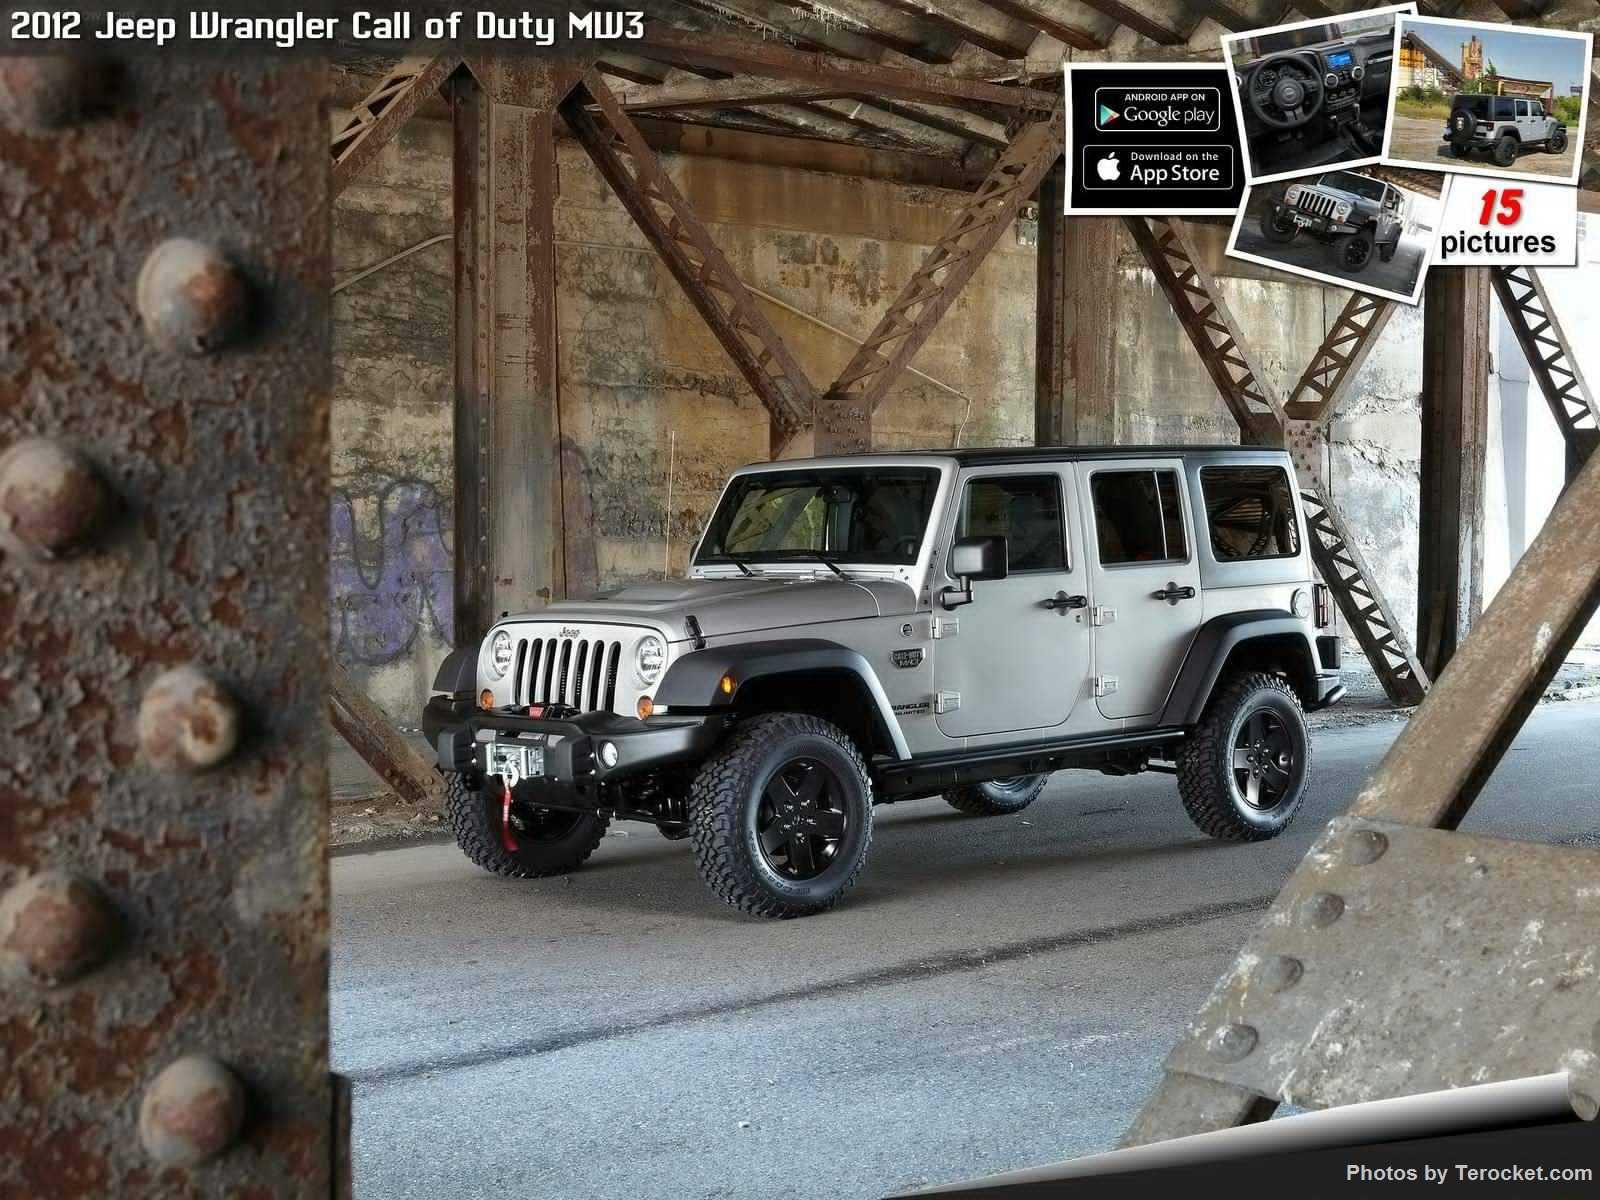 Hình ảnh xe ô tô Jeep Wrangler Call of Duty MW3 2012 & nội ngoại thất